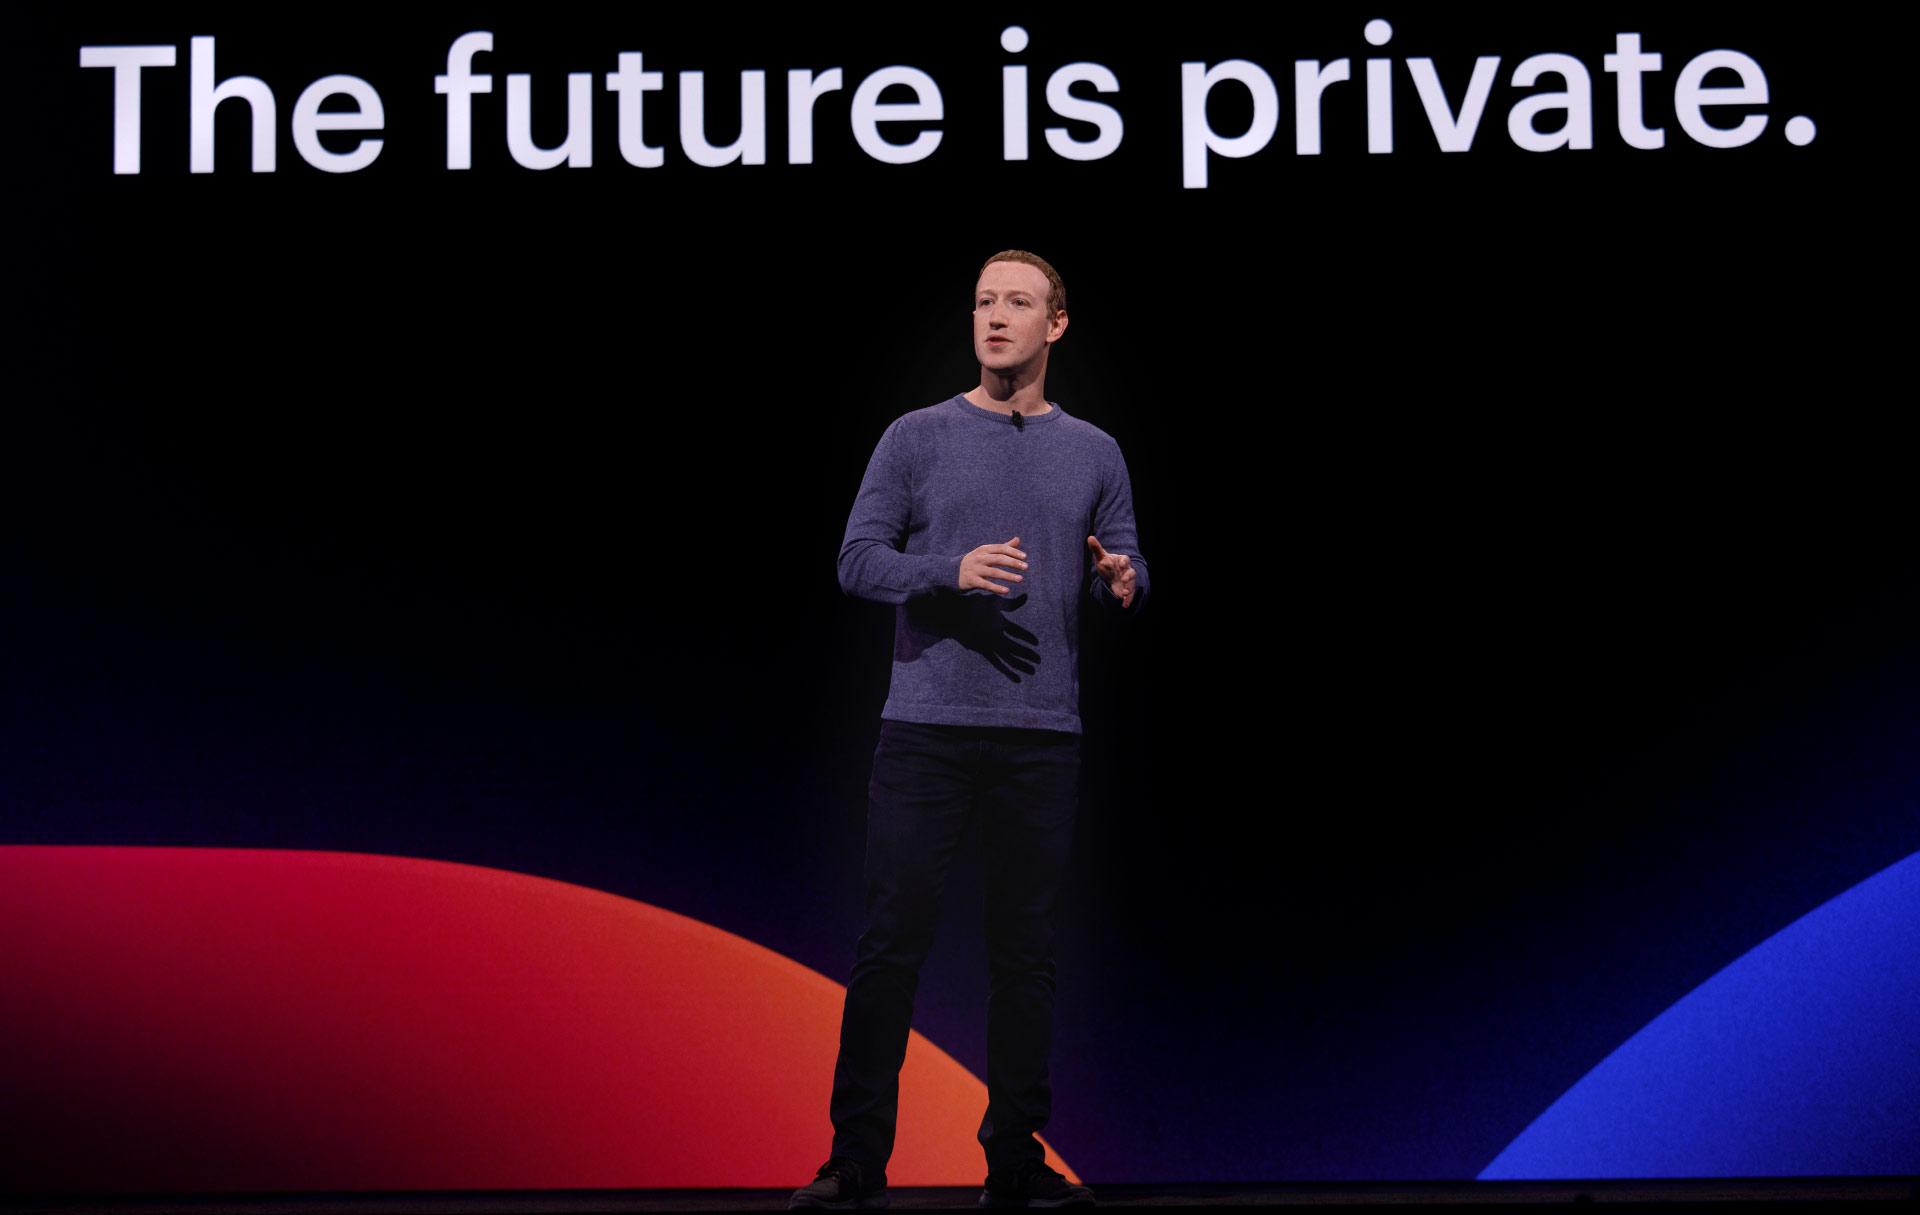 Фейсбук обновит дизайн, объединит мессенджеры и сфокусируется на безопасности - 1